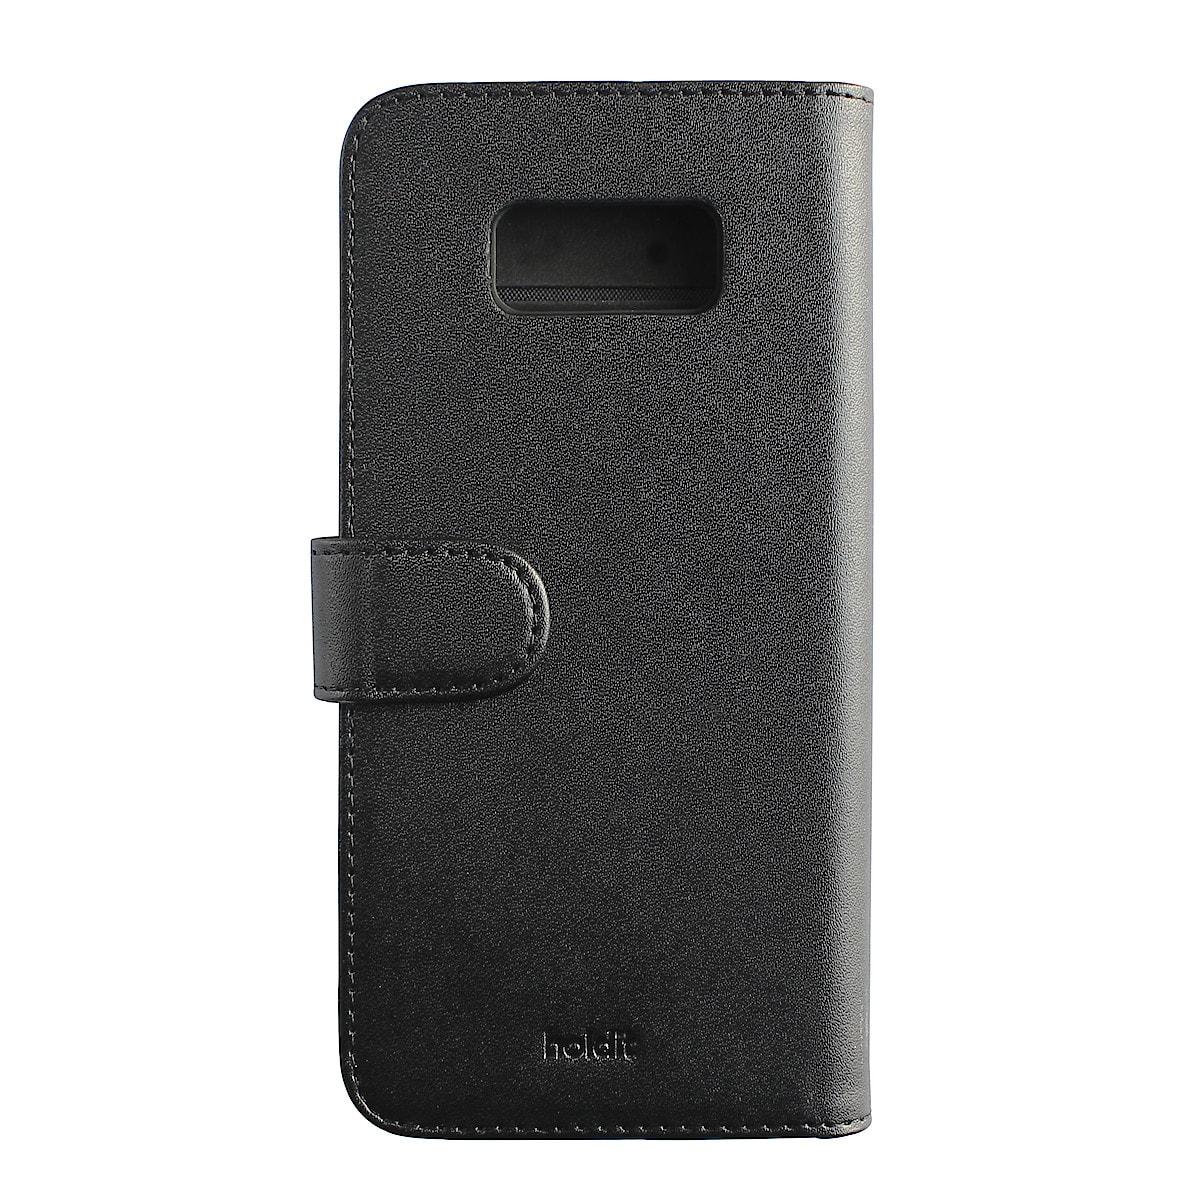 Taschenportemonnaie für Samsung Galaxy S8 Plus, Holdit